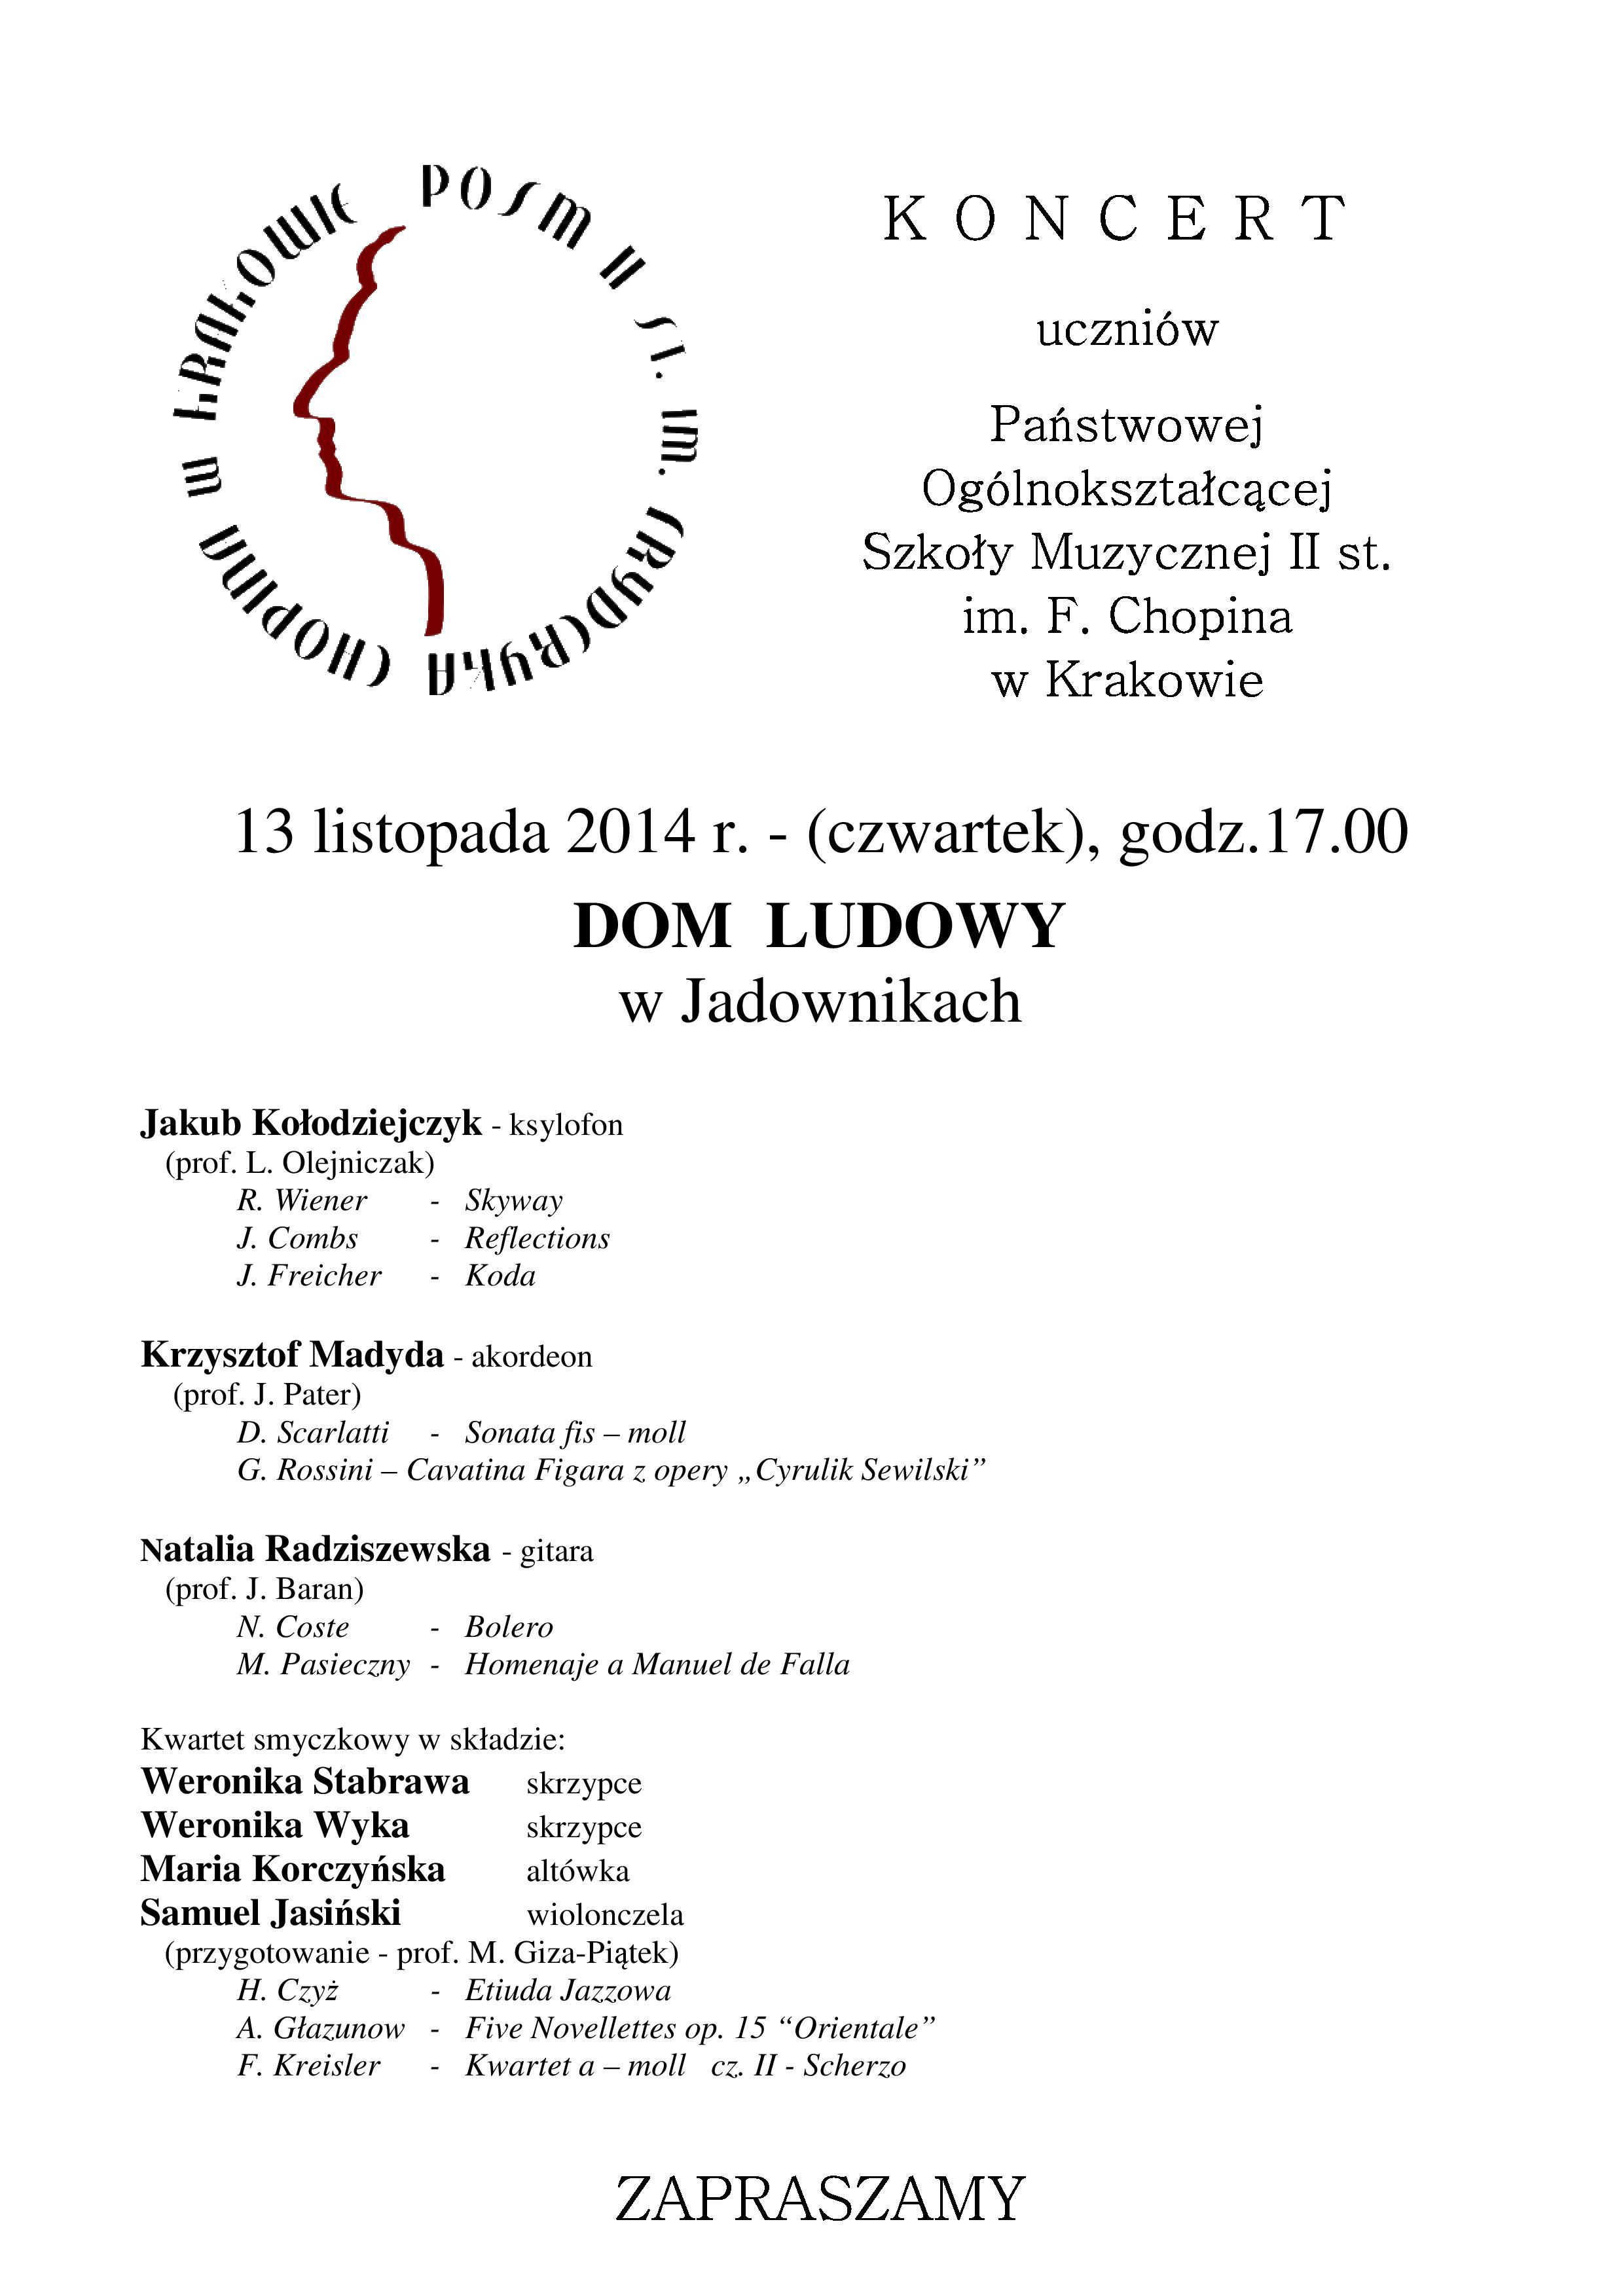 Koncert Państwowej Ogólnokształcącej Szkoły Muzycznej II stopnia im. Fryderyka Chopina w Krakowie